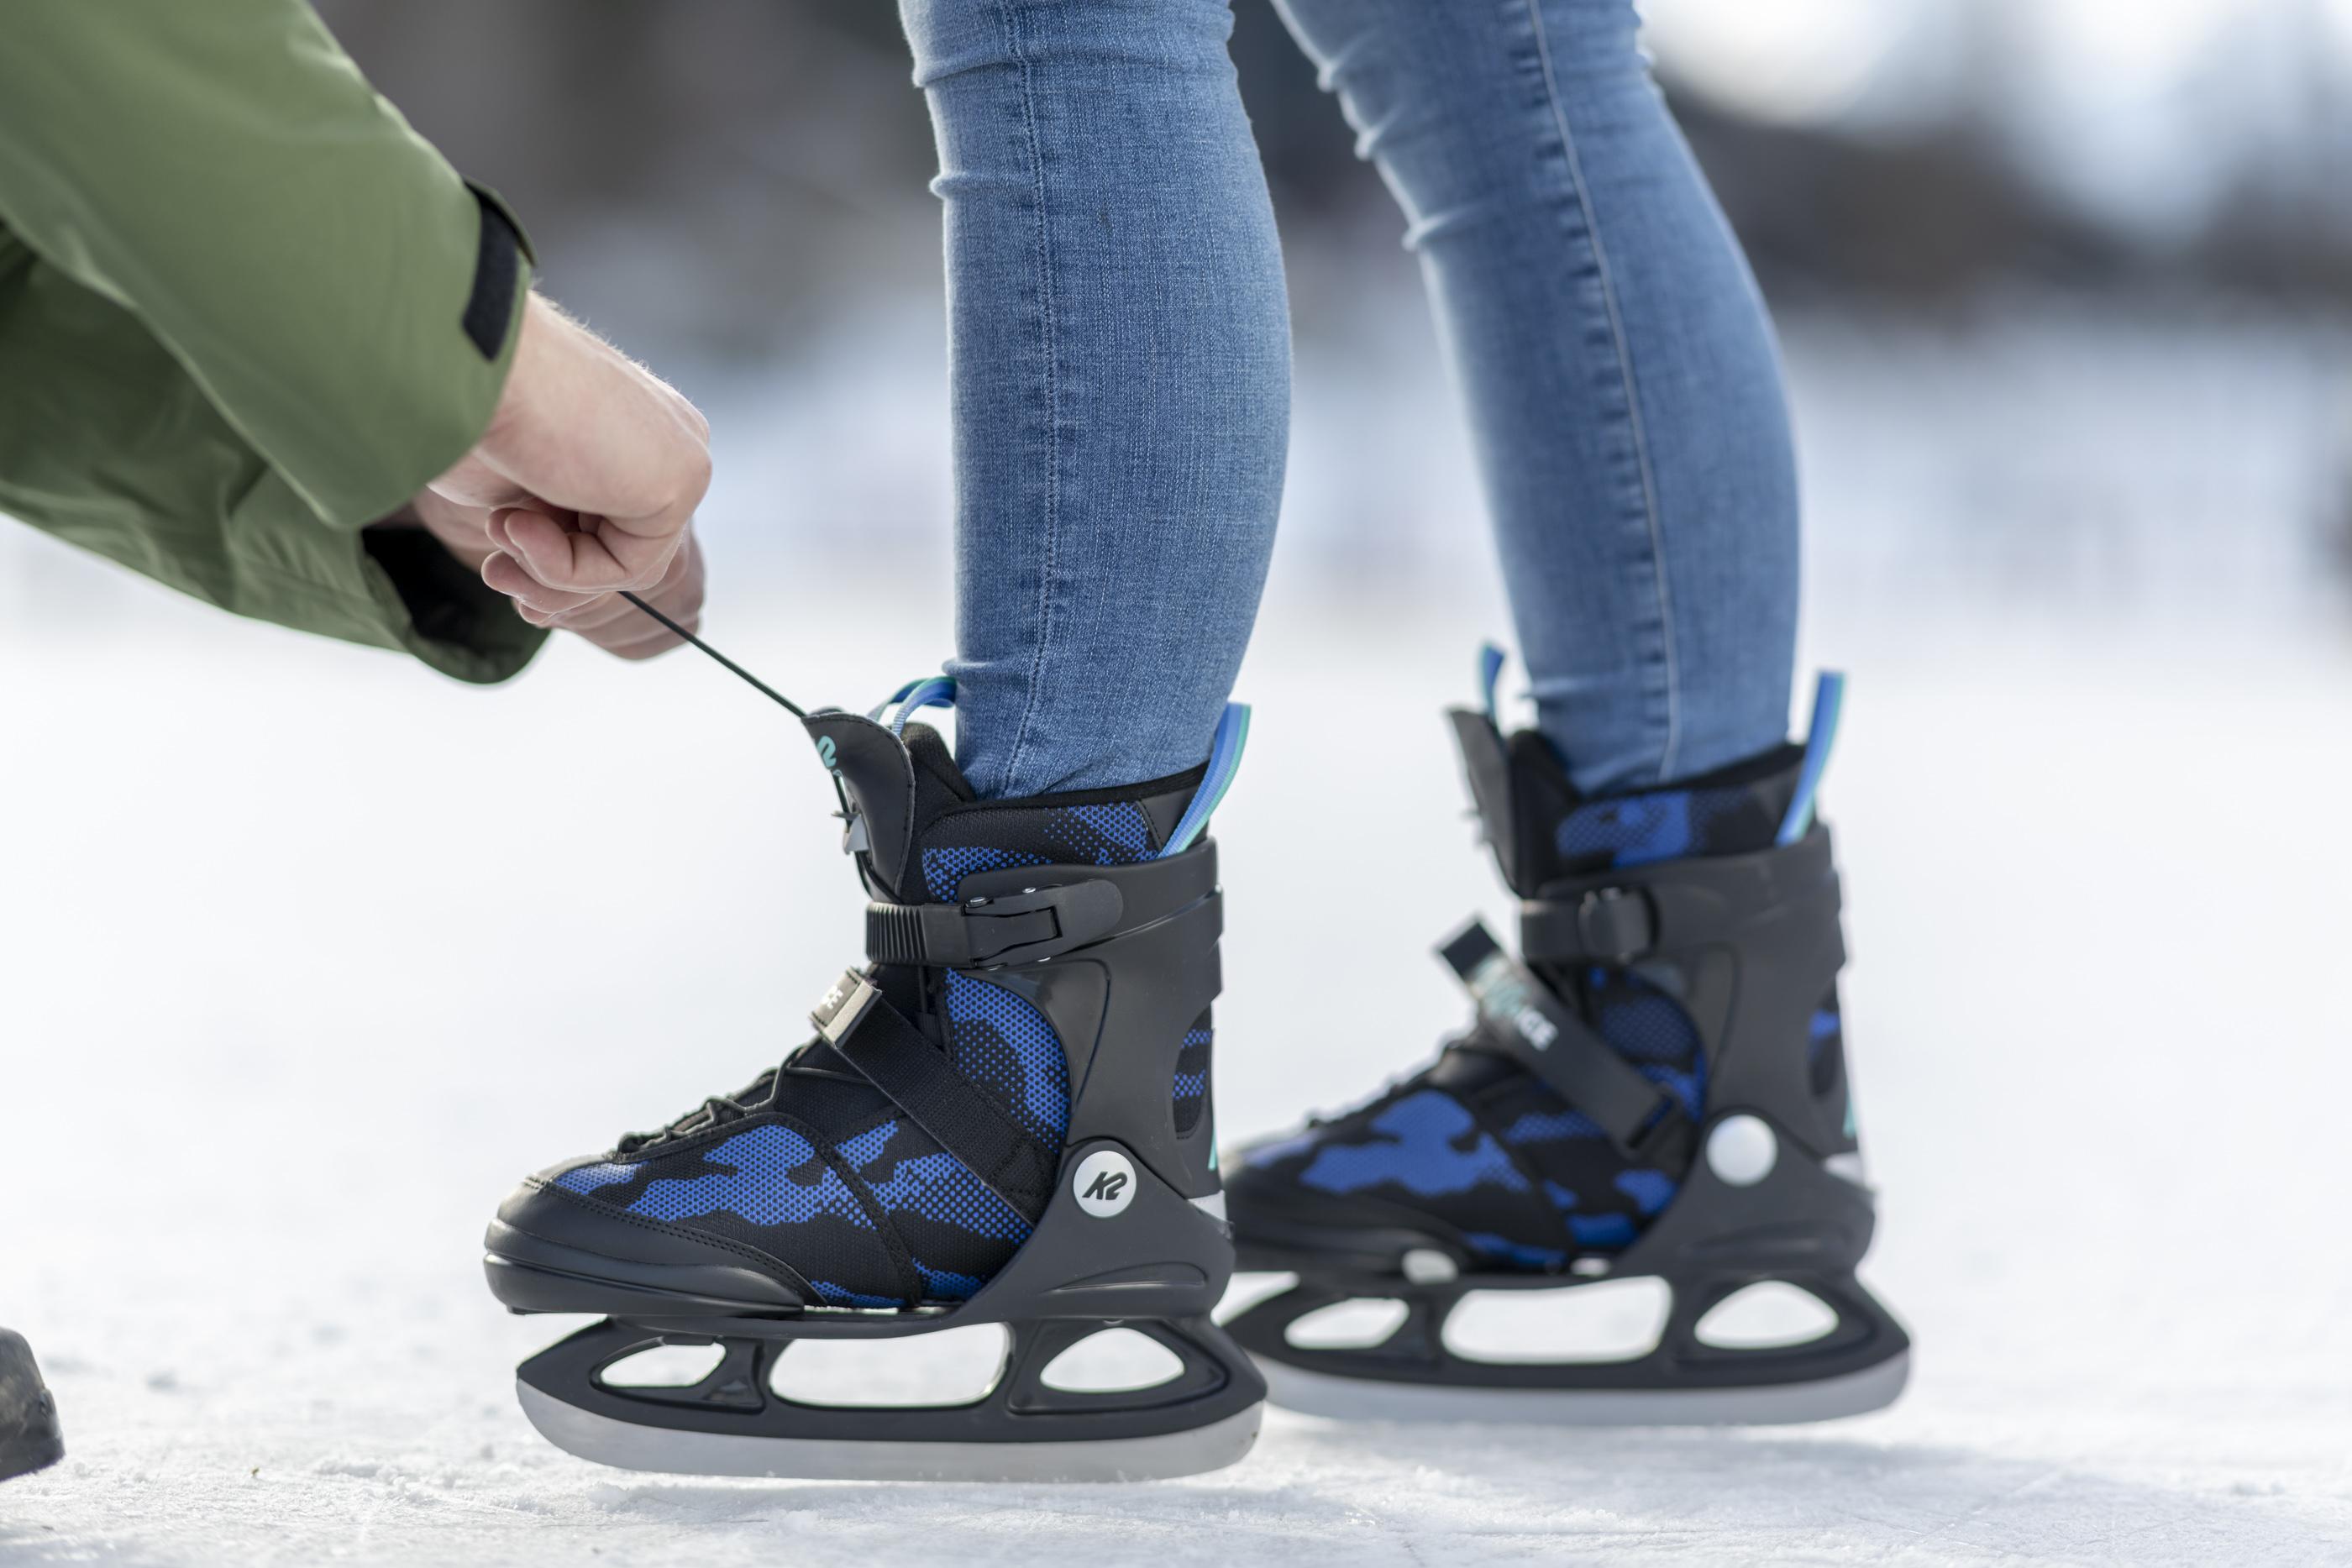 Dětské lední brusle K2 Marlee Ice pro holky